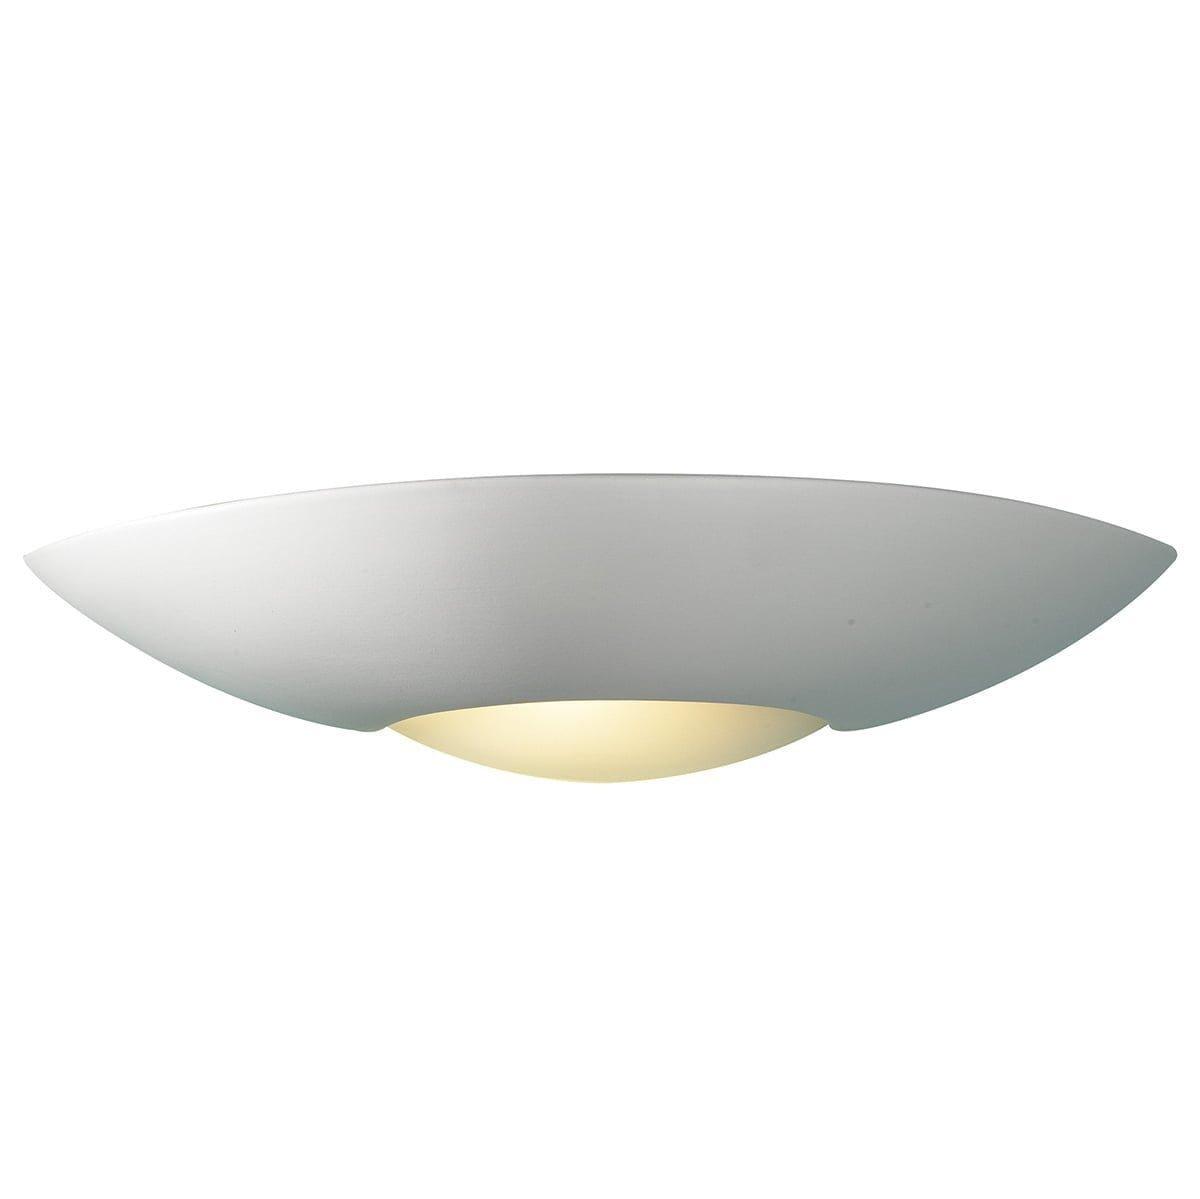 Dar SLI072 Slice 1lt, Ceramic